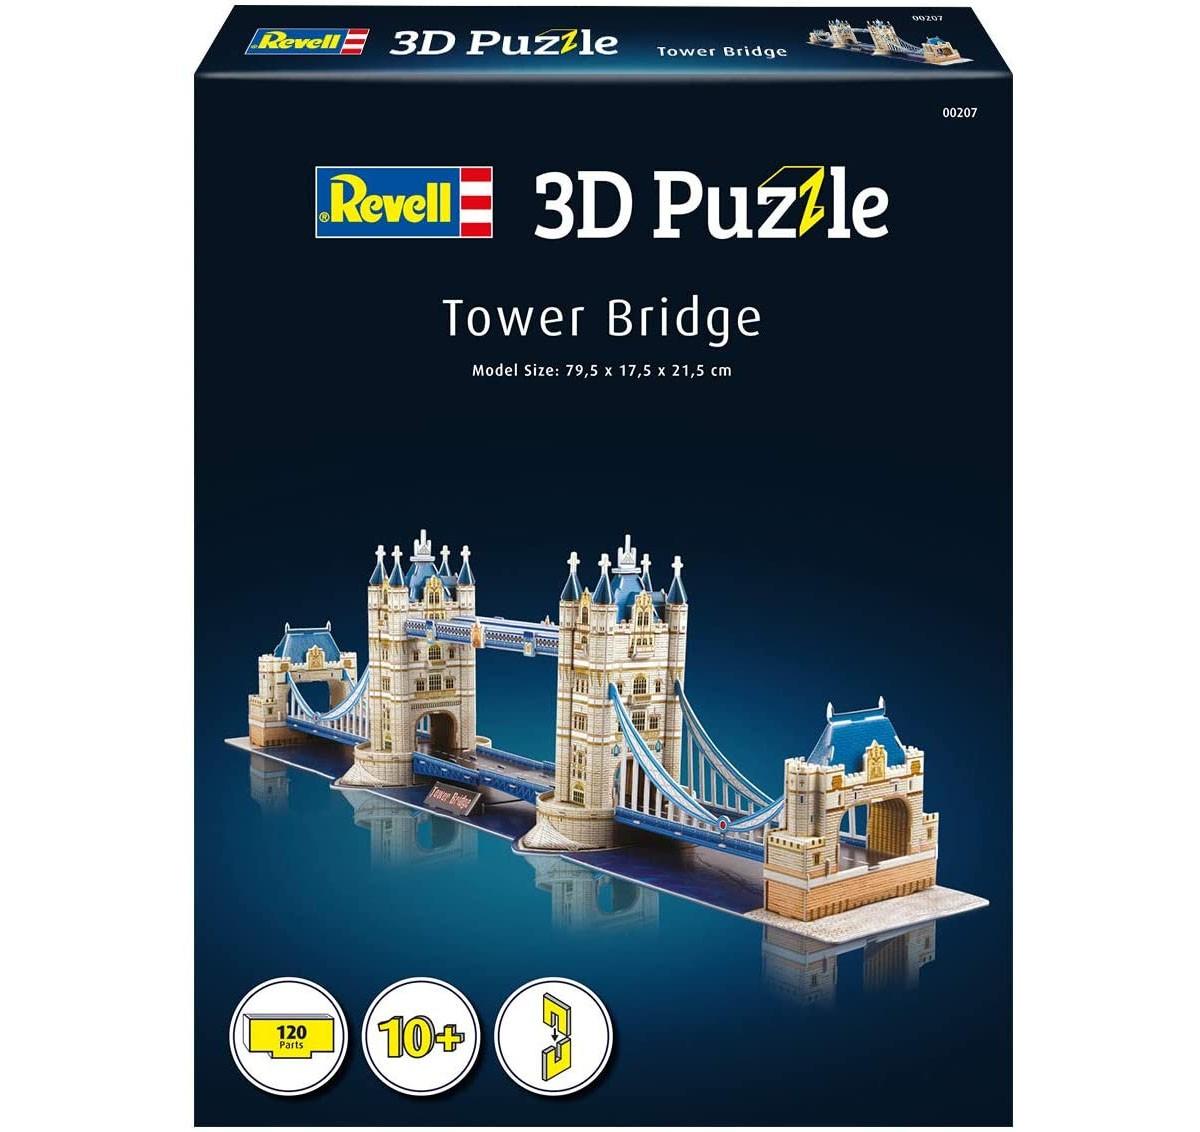 Quebra-cabeça 3D (3D Puzzle) Tower Bridge - Revell 00207  - BLIMPS COMÉRCIO ELETRÔNICO